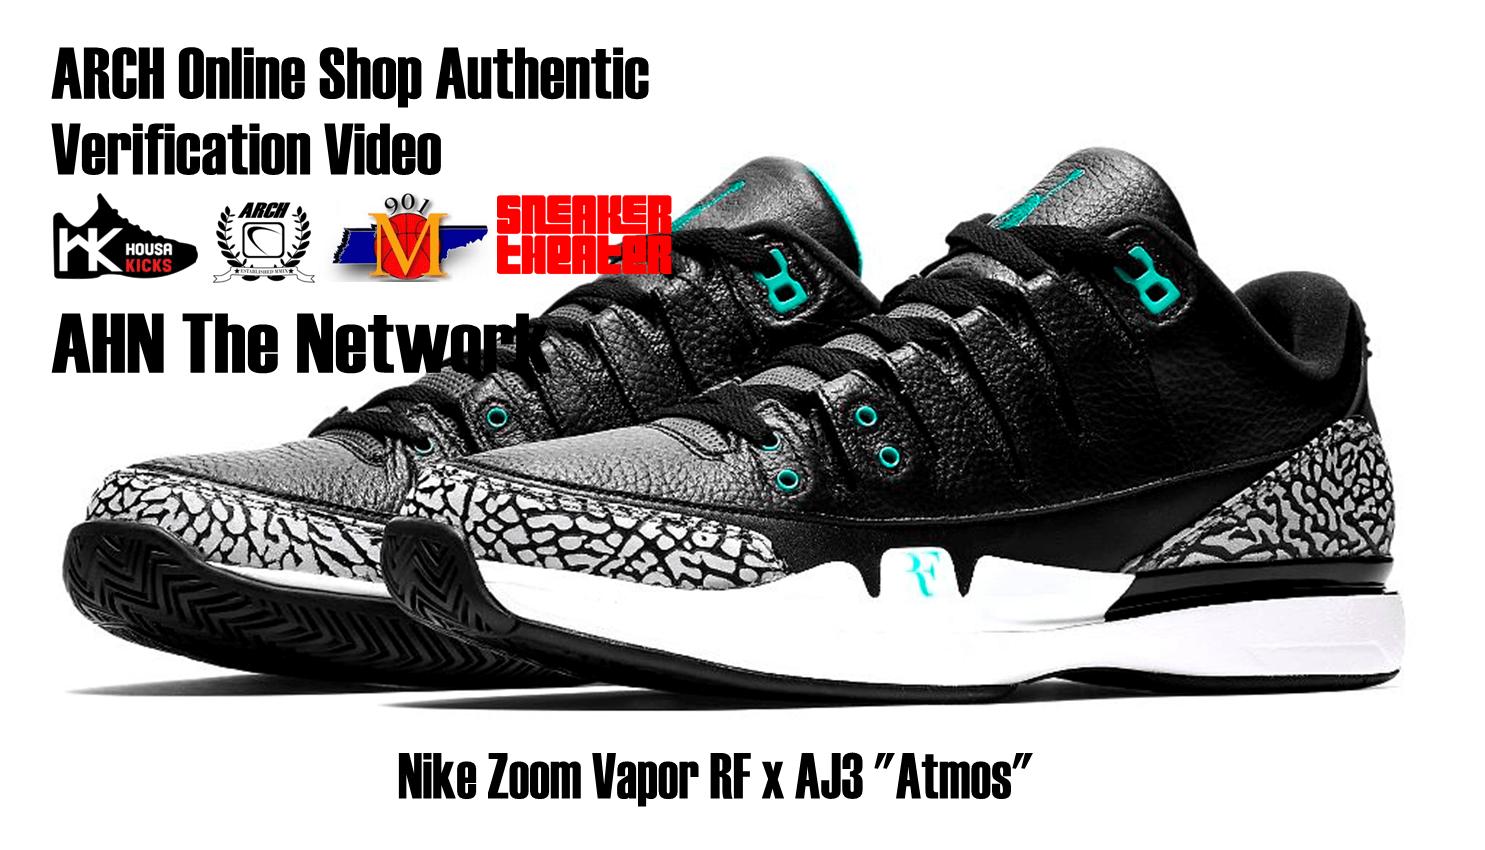 """Nike Zoom Vapor RF x AJ3 """"Atmos"""